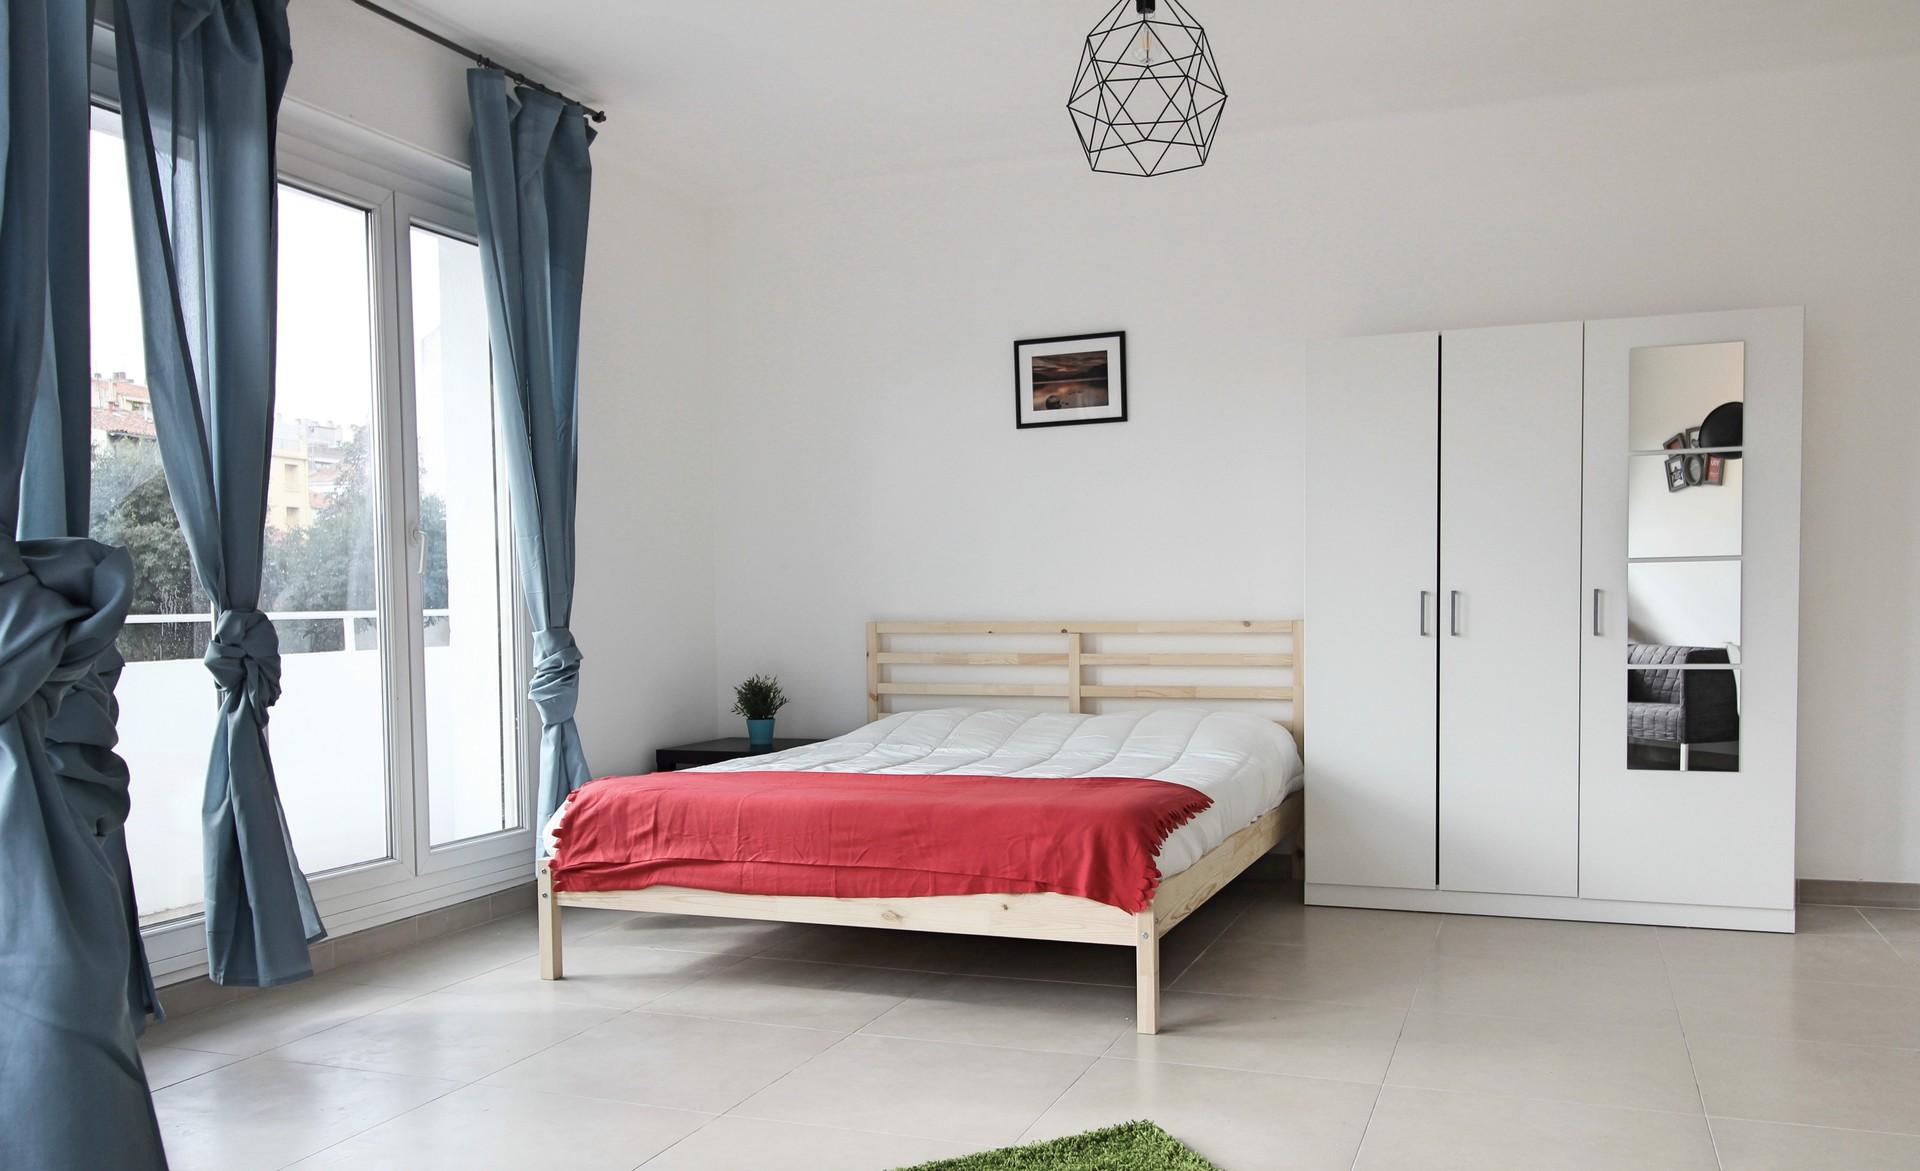 Belle chambre meublée dans un appartement refait  neuf